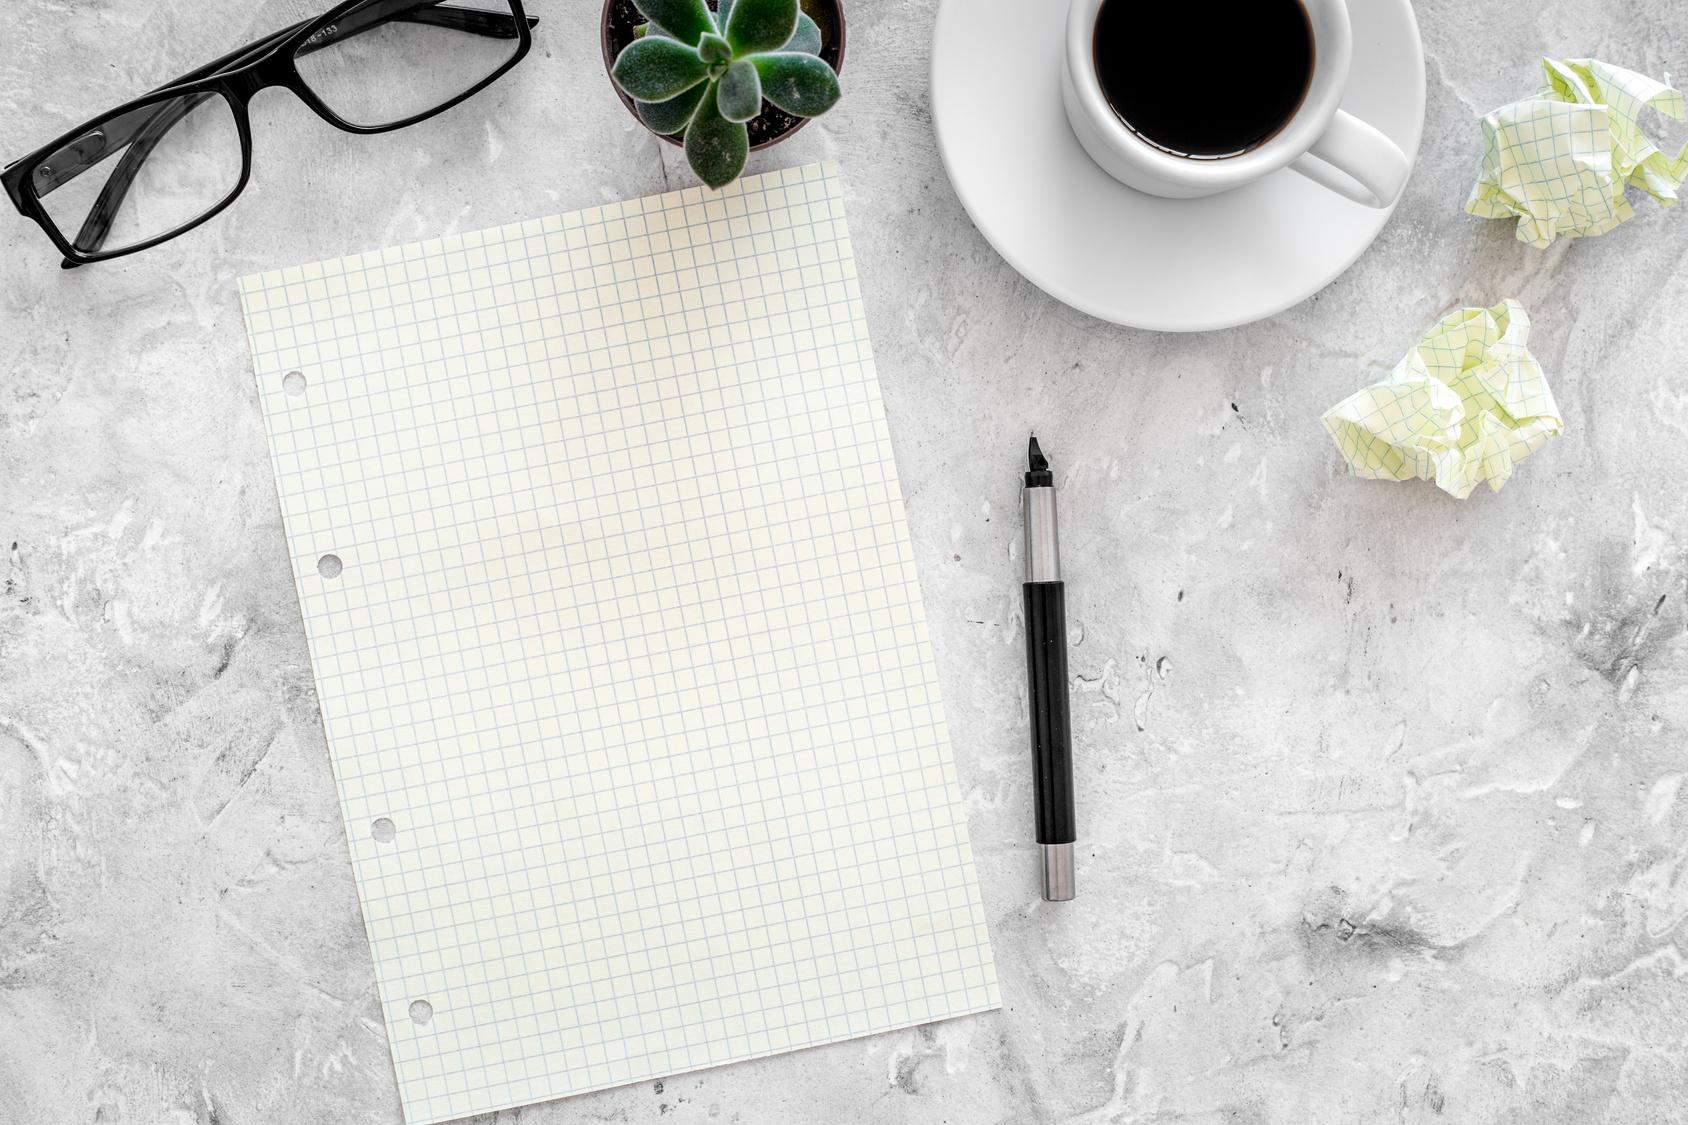 15 pomysłów na postanowienia noworoczne + bonus dla networkerów